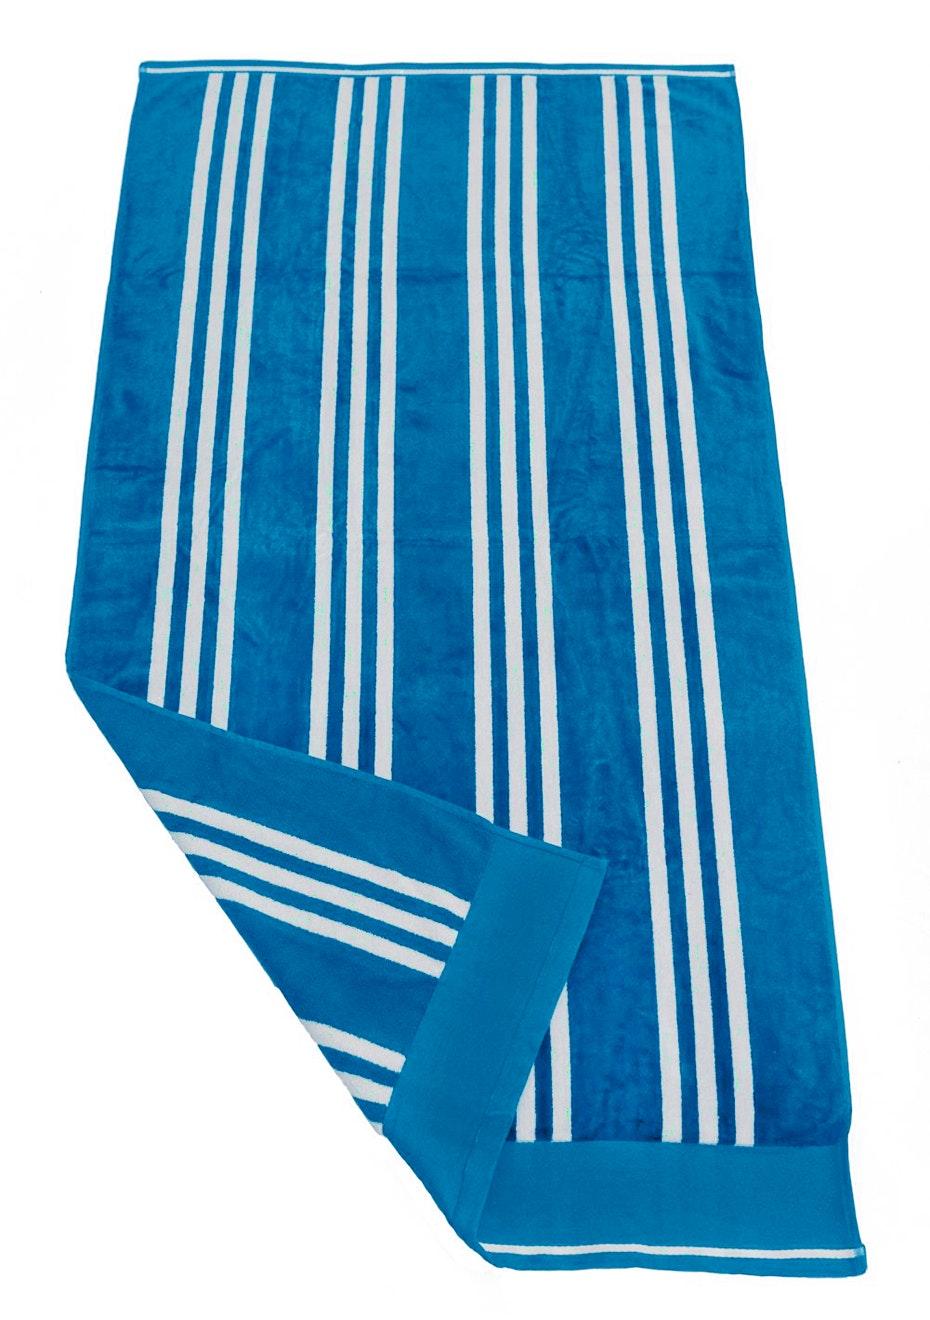 Coral Bay Velour Beach Towel Aqua